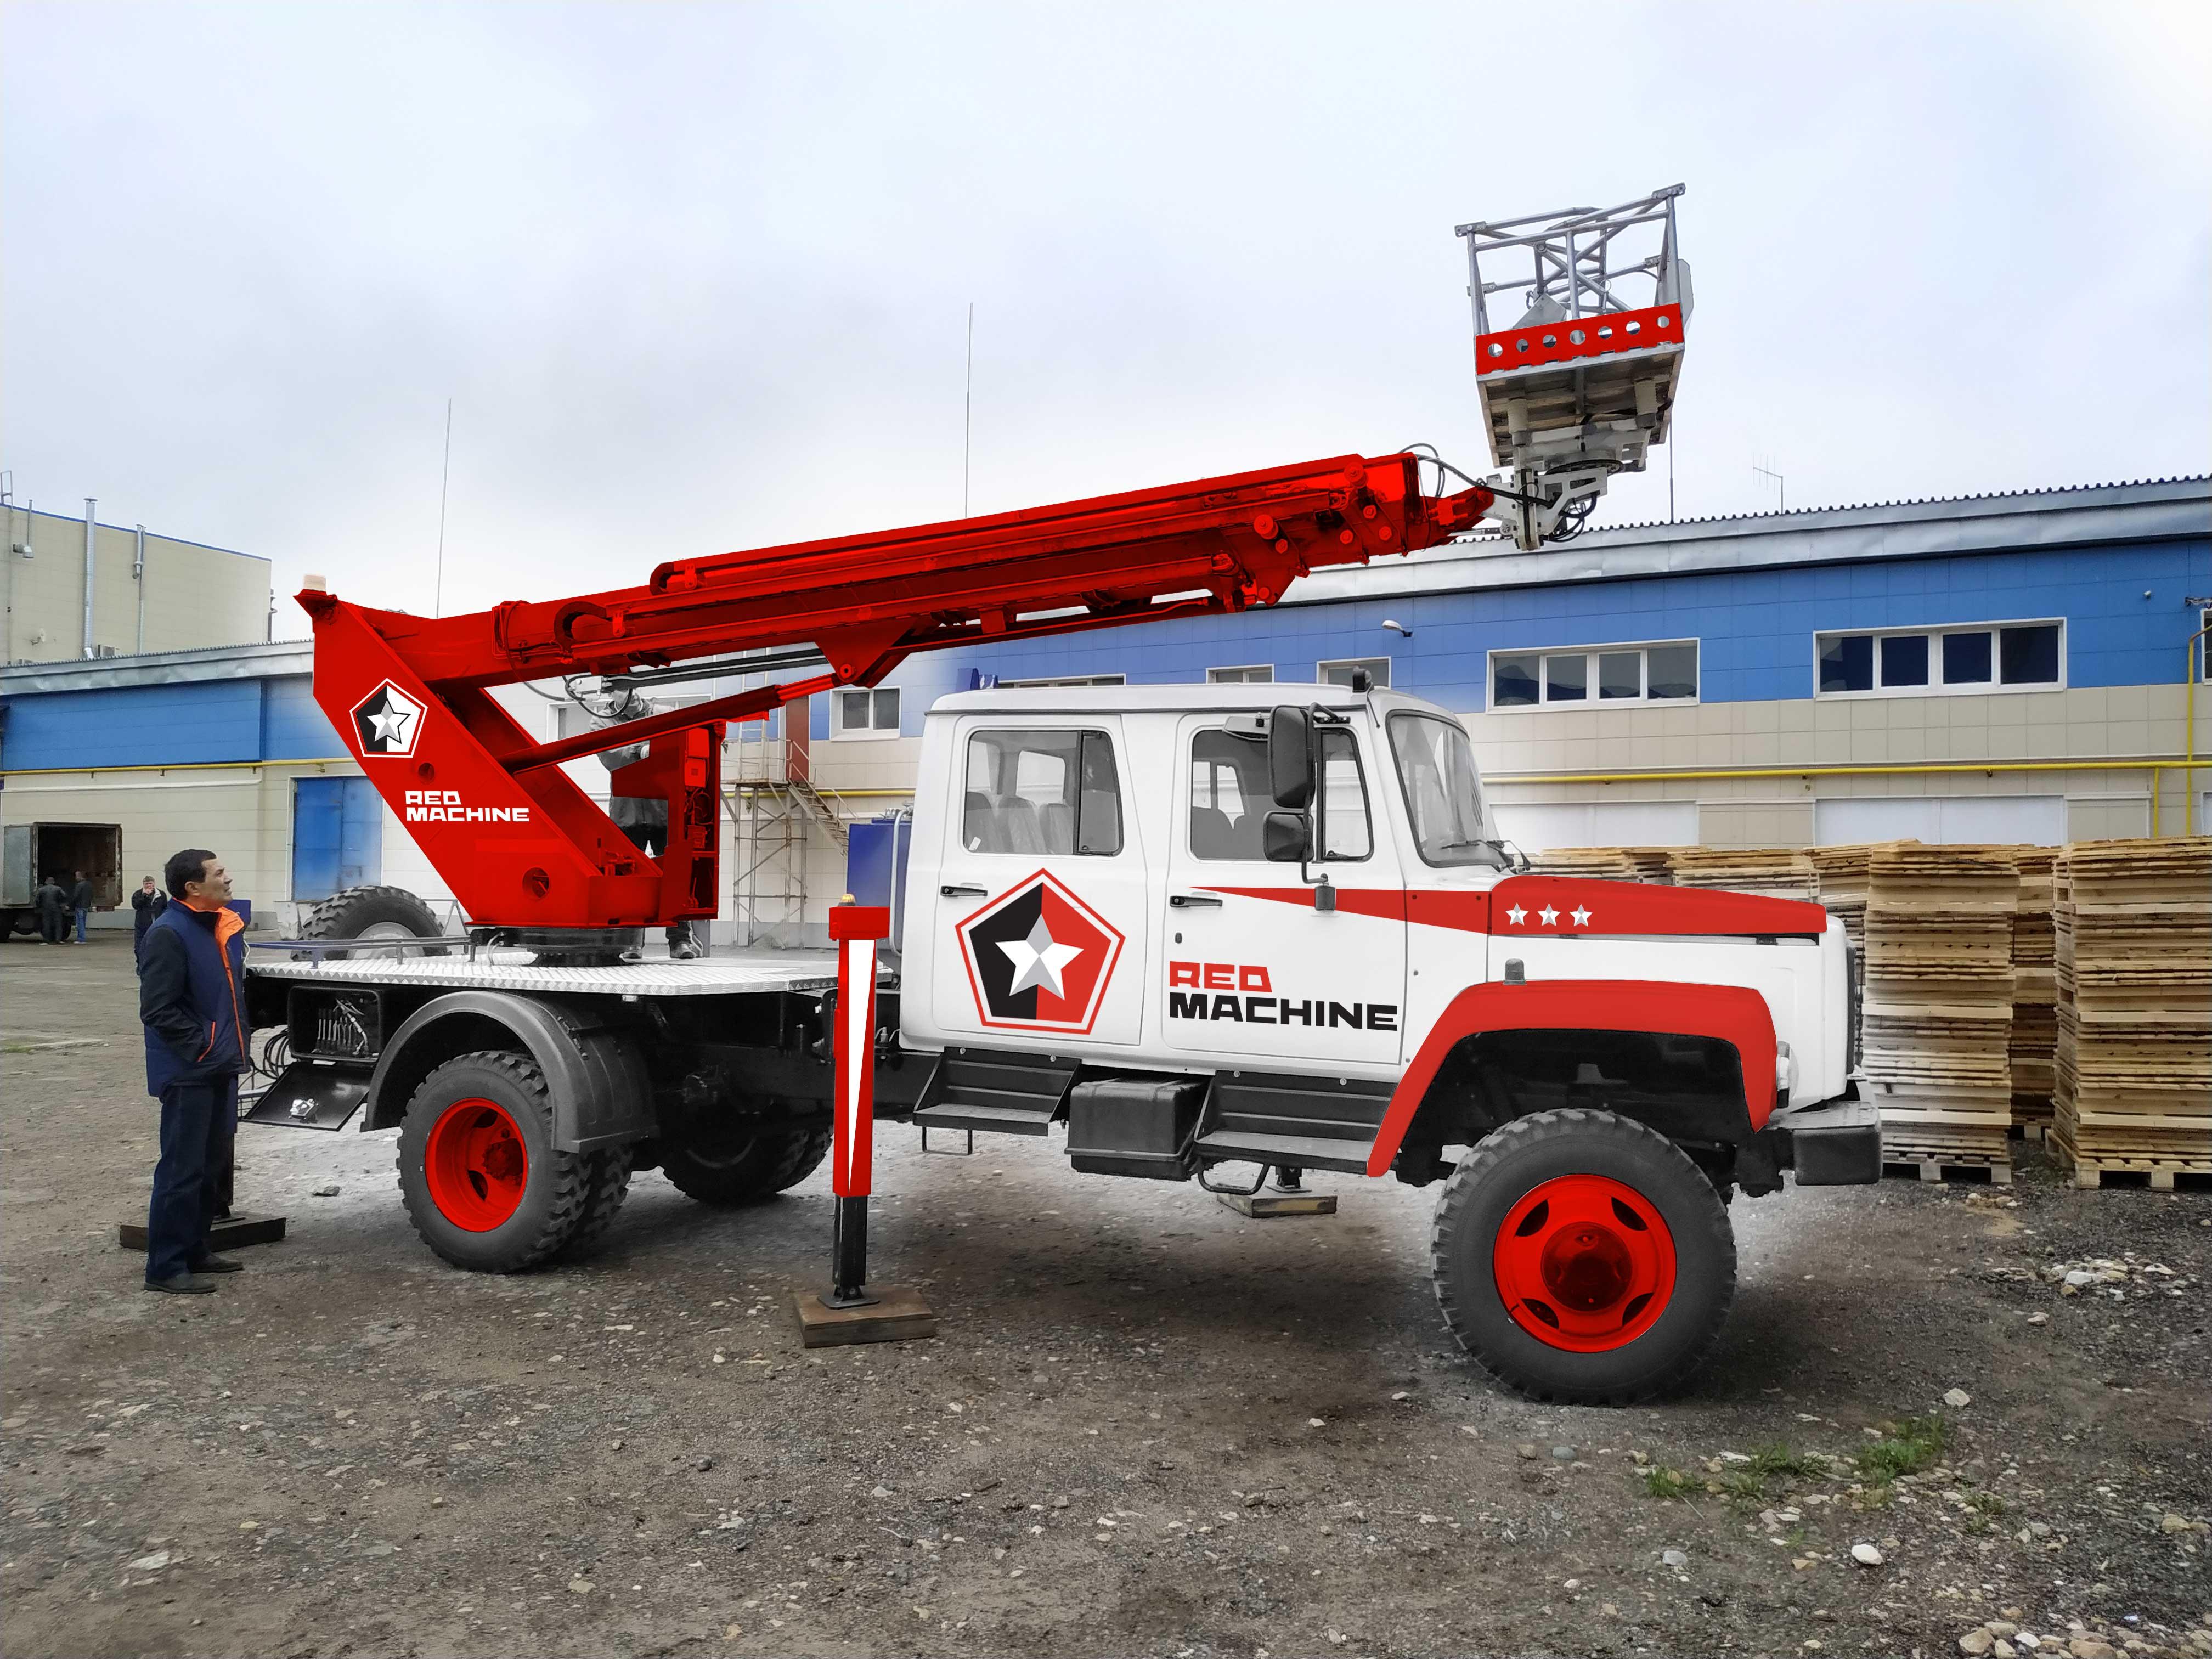 Оформление автогидроподъёмника,  бренд - RED MACHINE фото f_9535e14e0b39defb.jpg